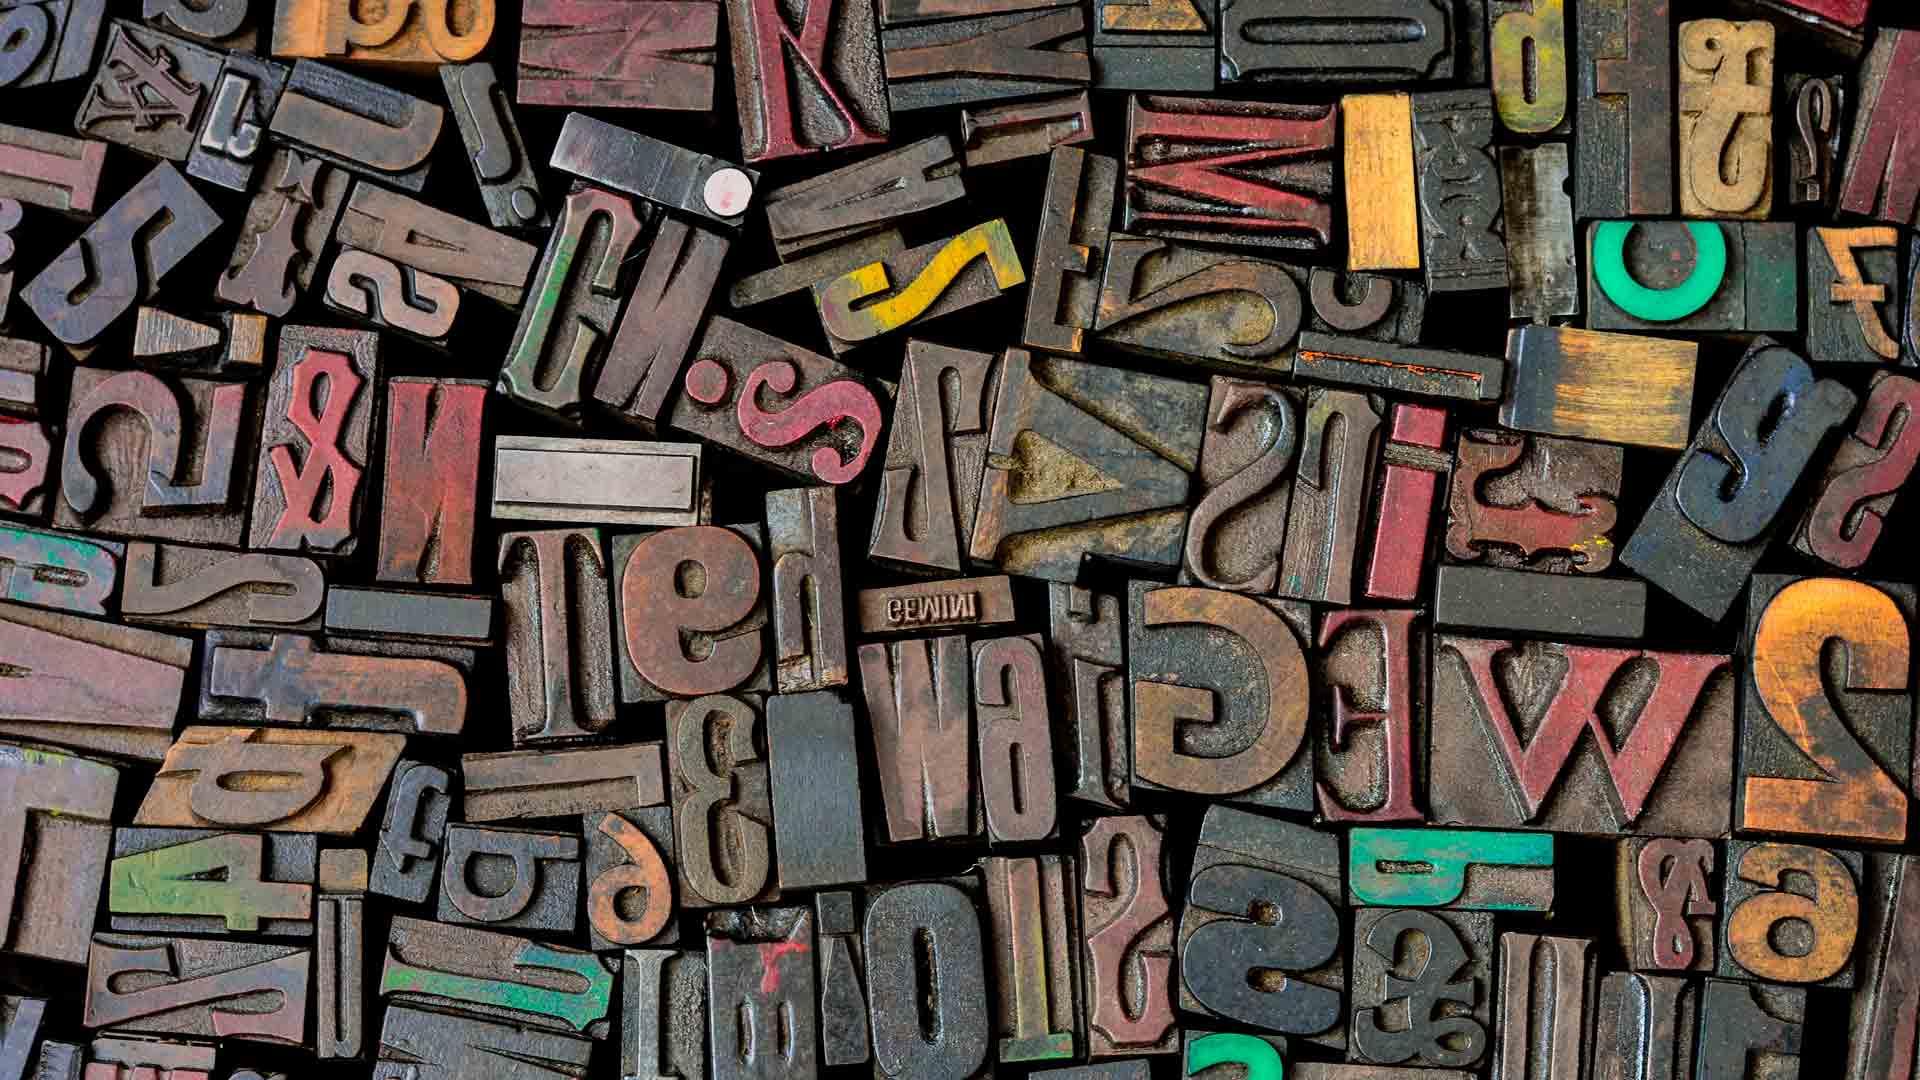 Glossario minimo per clienti perplessi